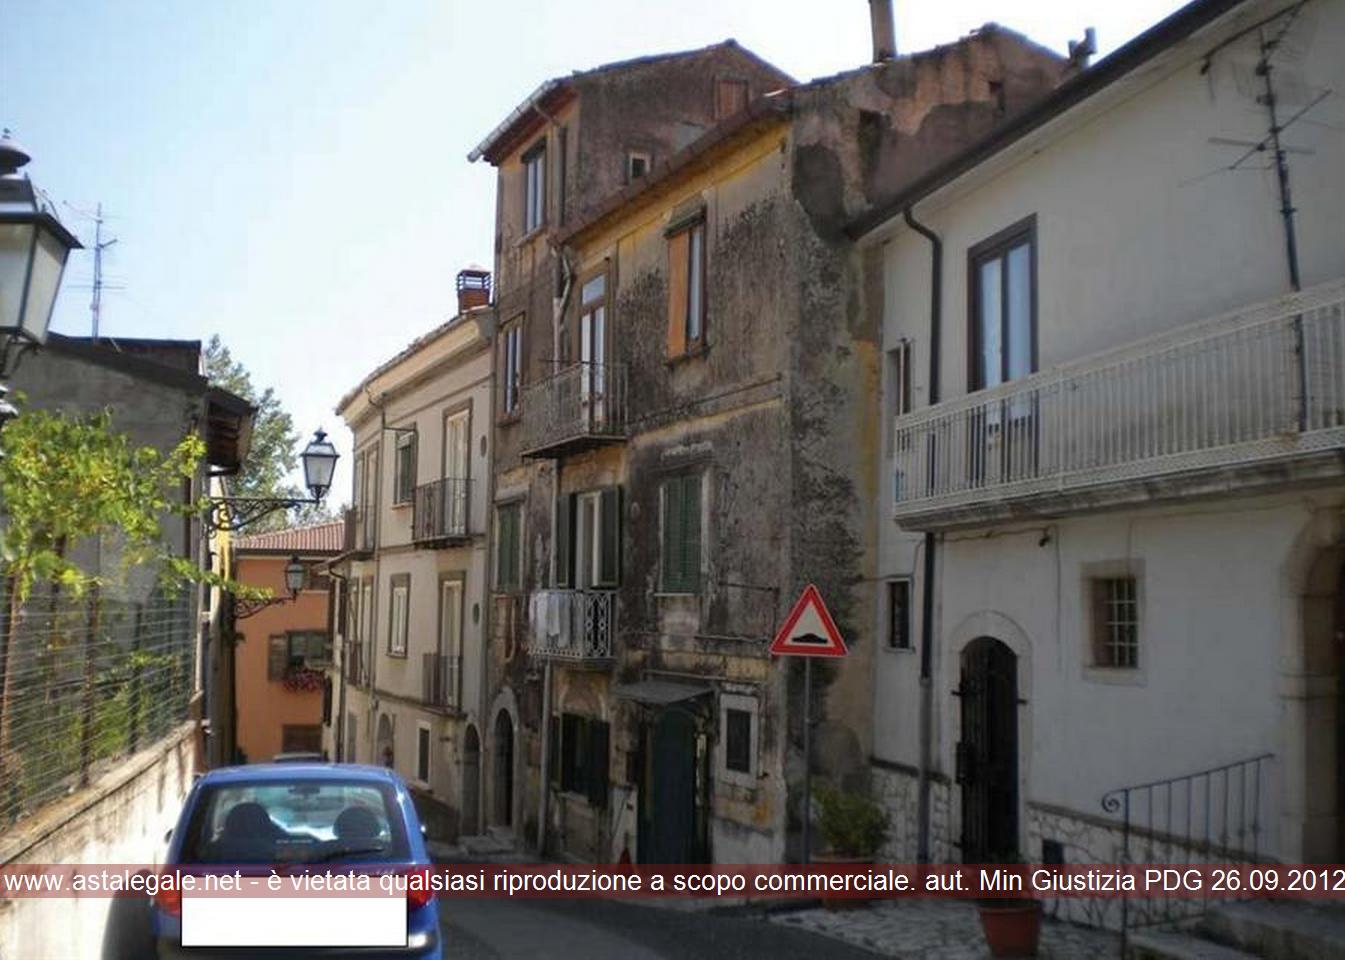 Ospedaletto D'alpinolo (AV) Via Marcello Ferro 25